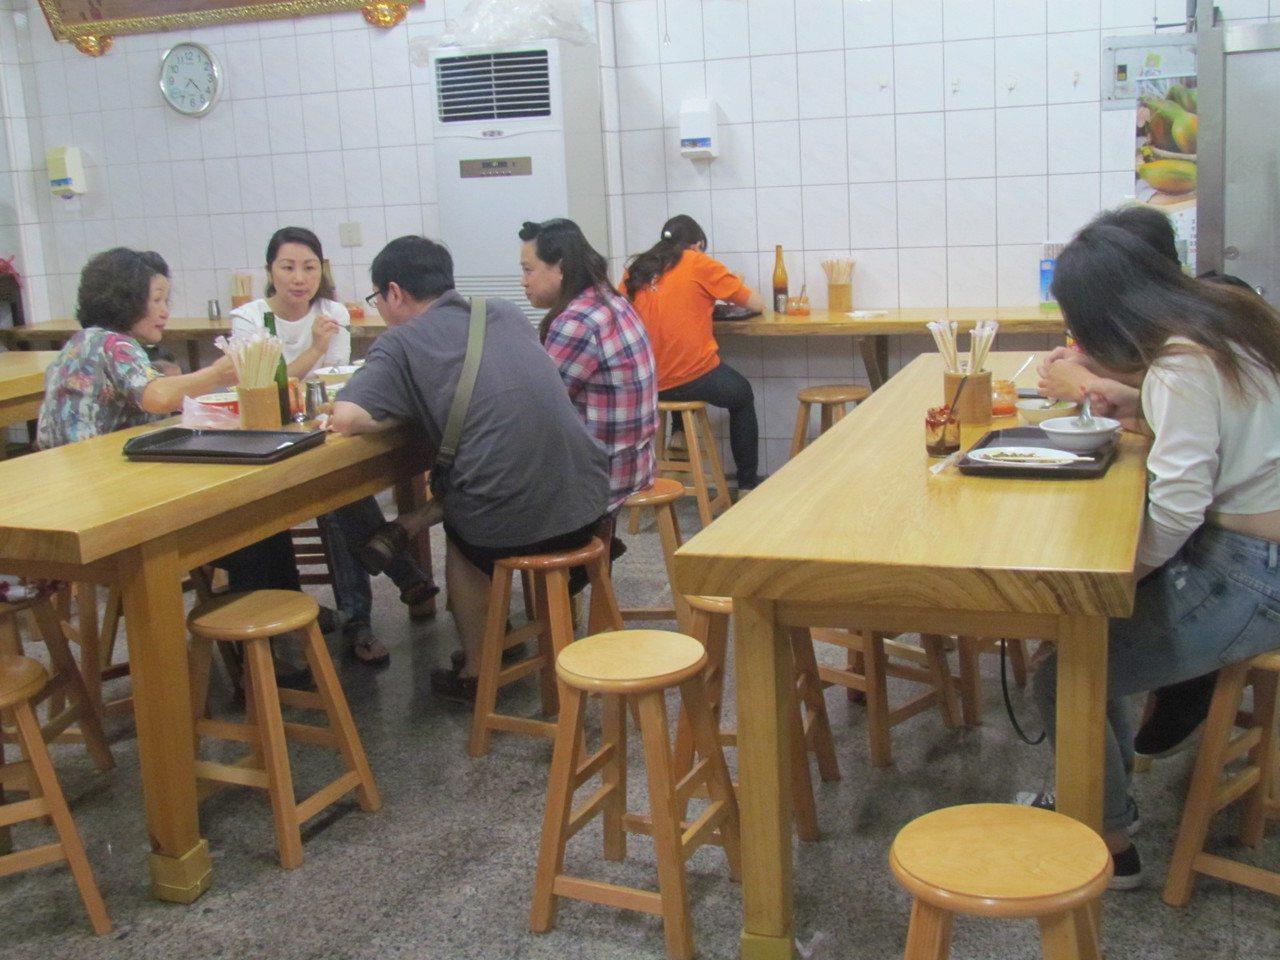 南投市橋頭邊肉圓有空調,使用原木桌椅,用餐環境很優雅。記者張家樂/攝影